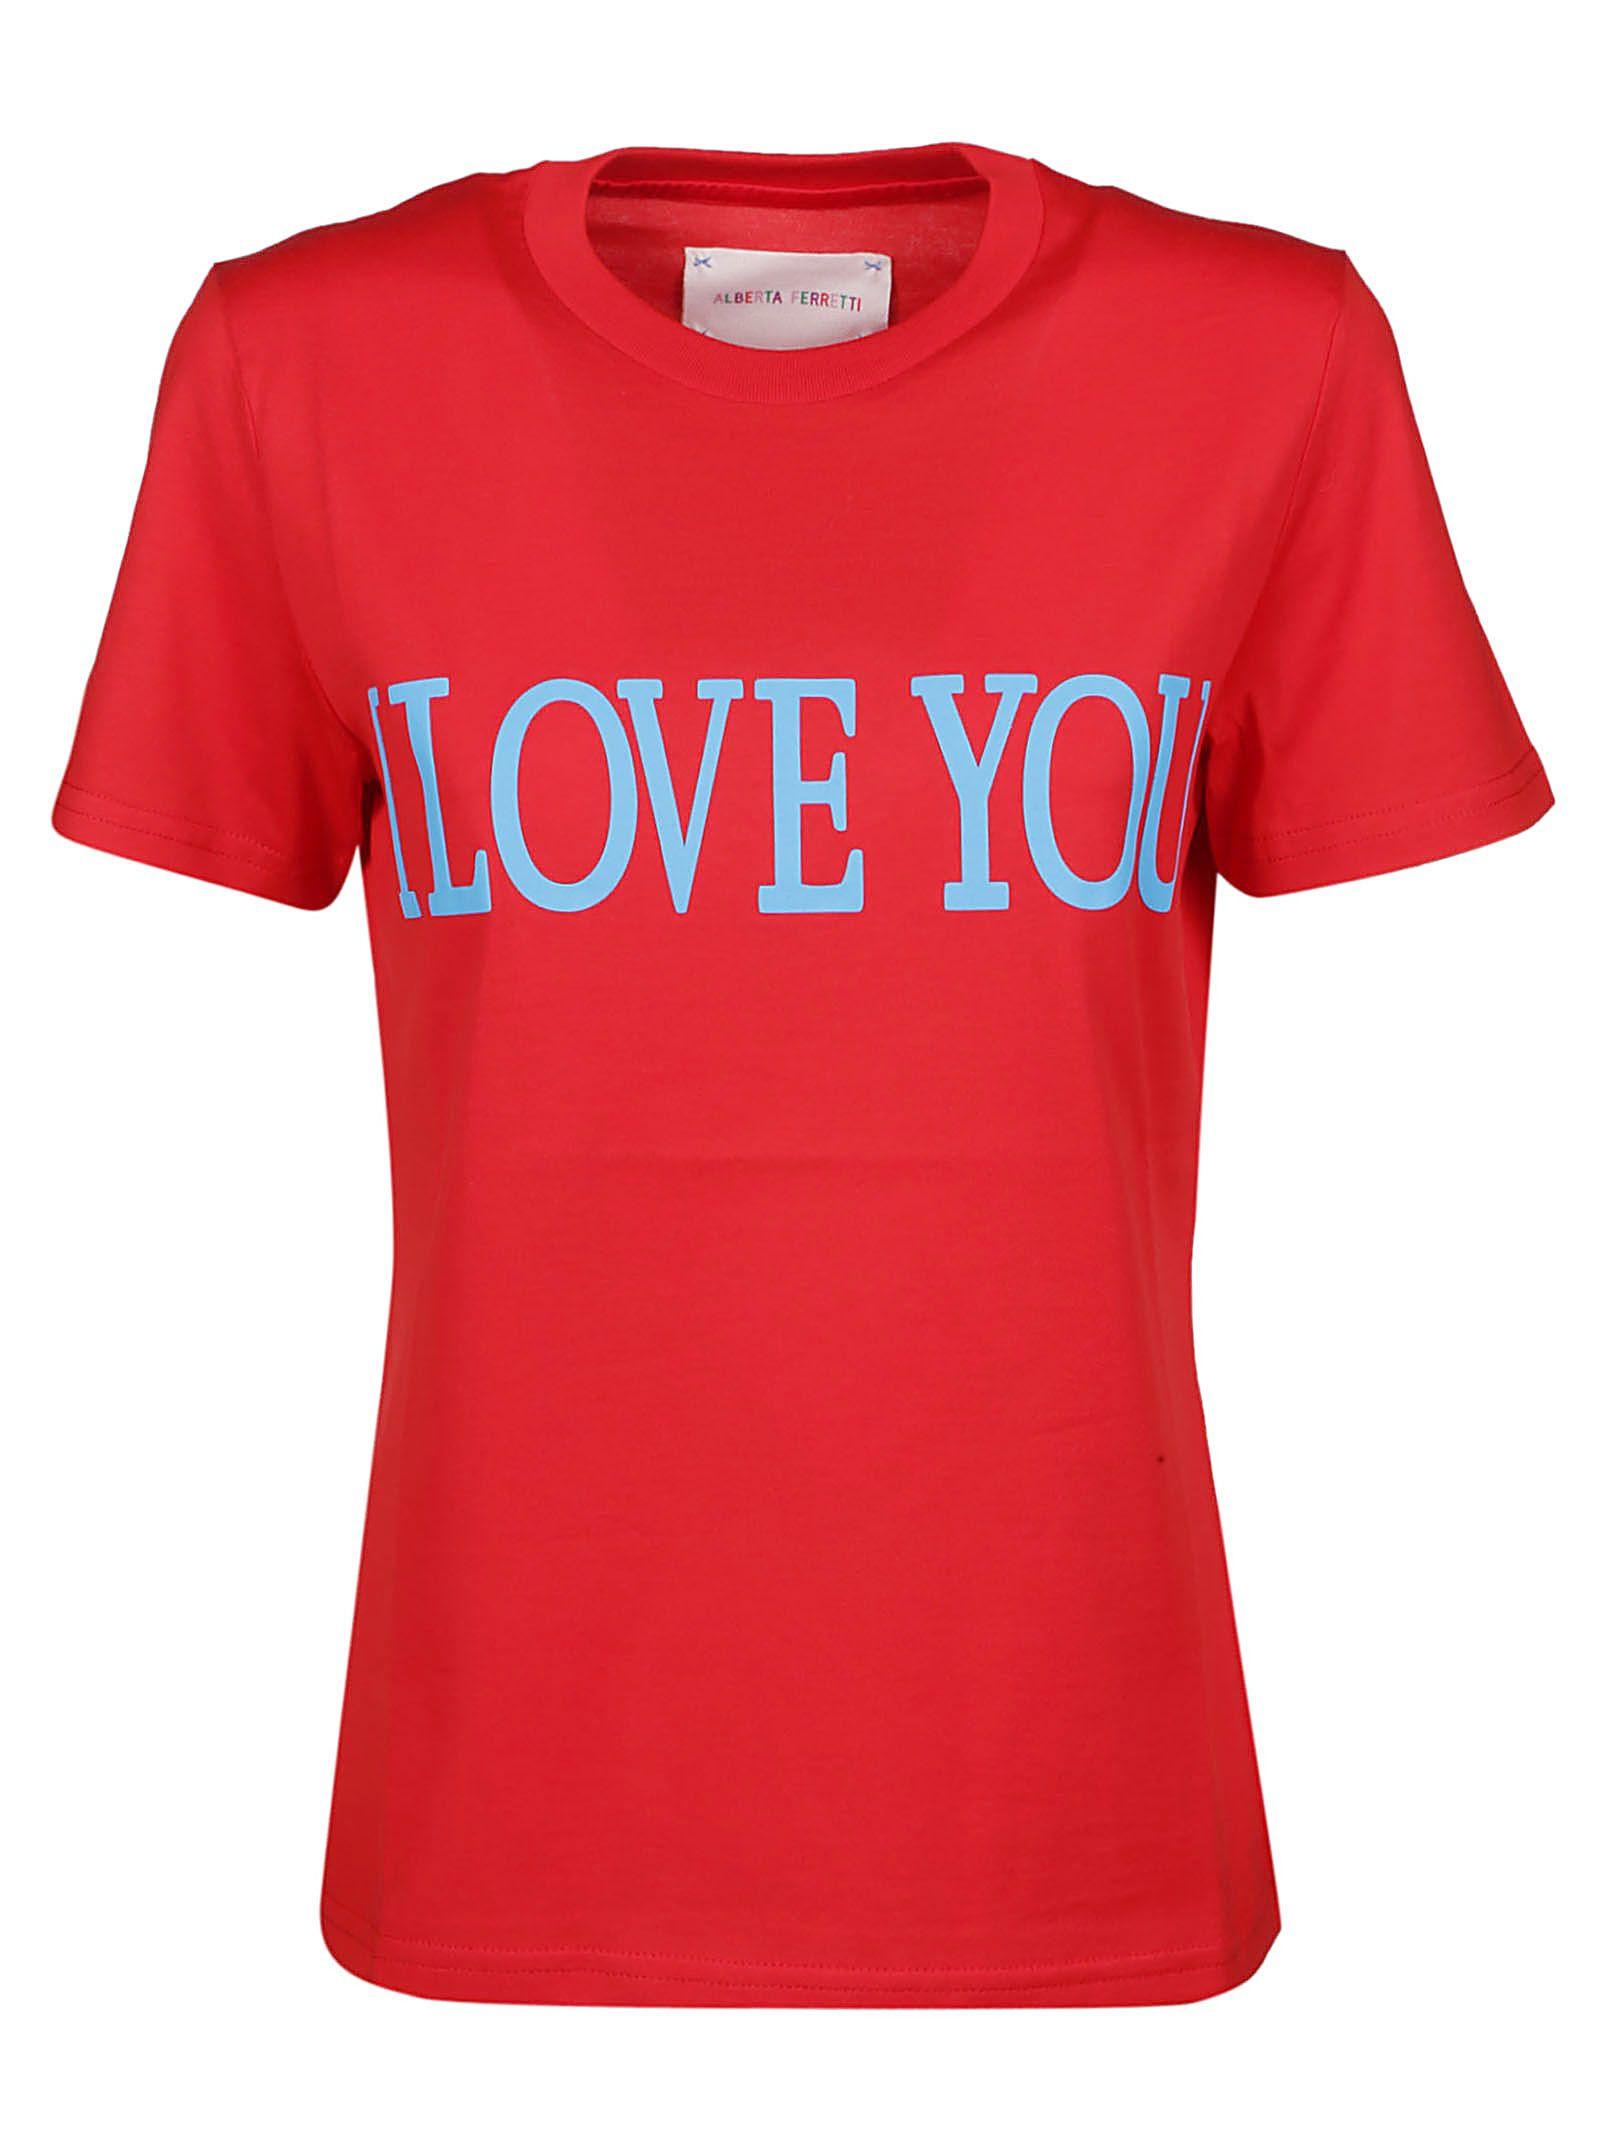 Alberta Ferretti T-shirts I LOVE YOU T-SHIRT